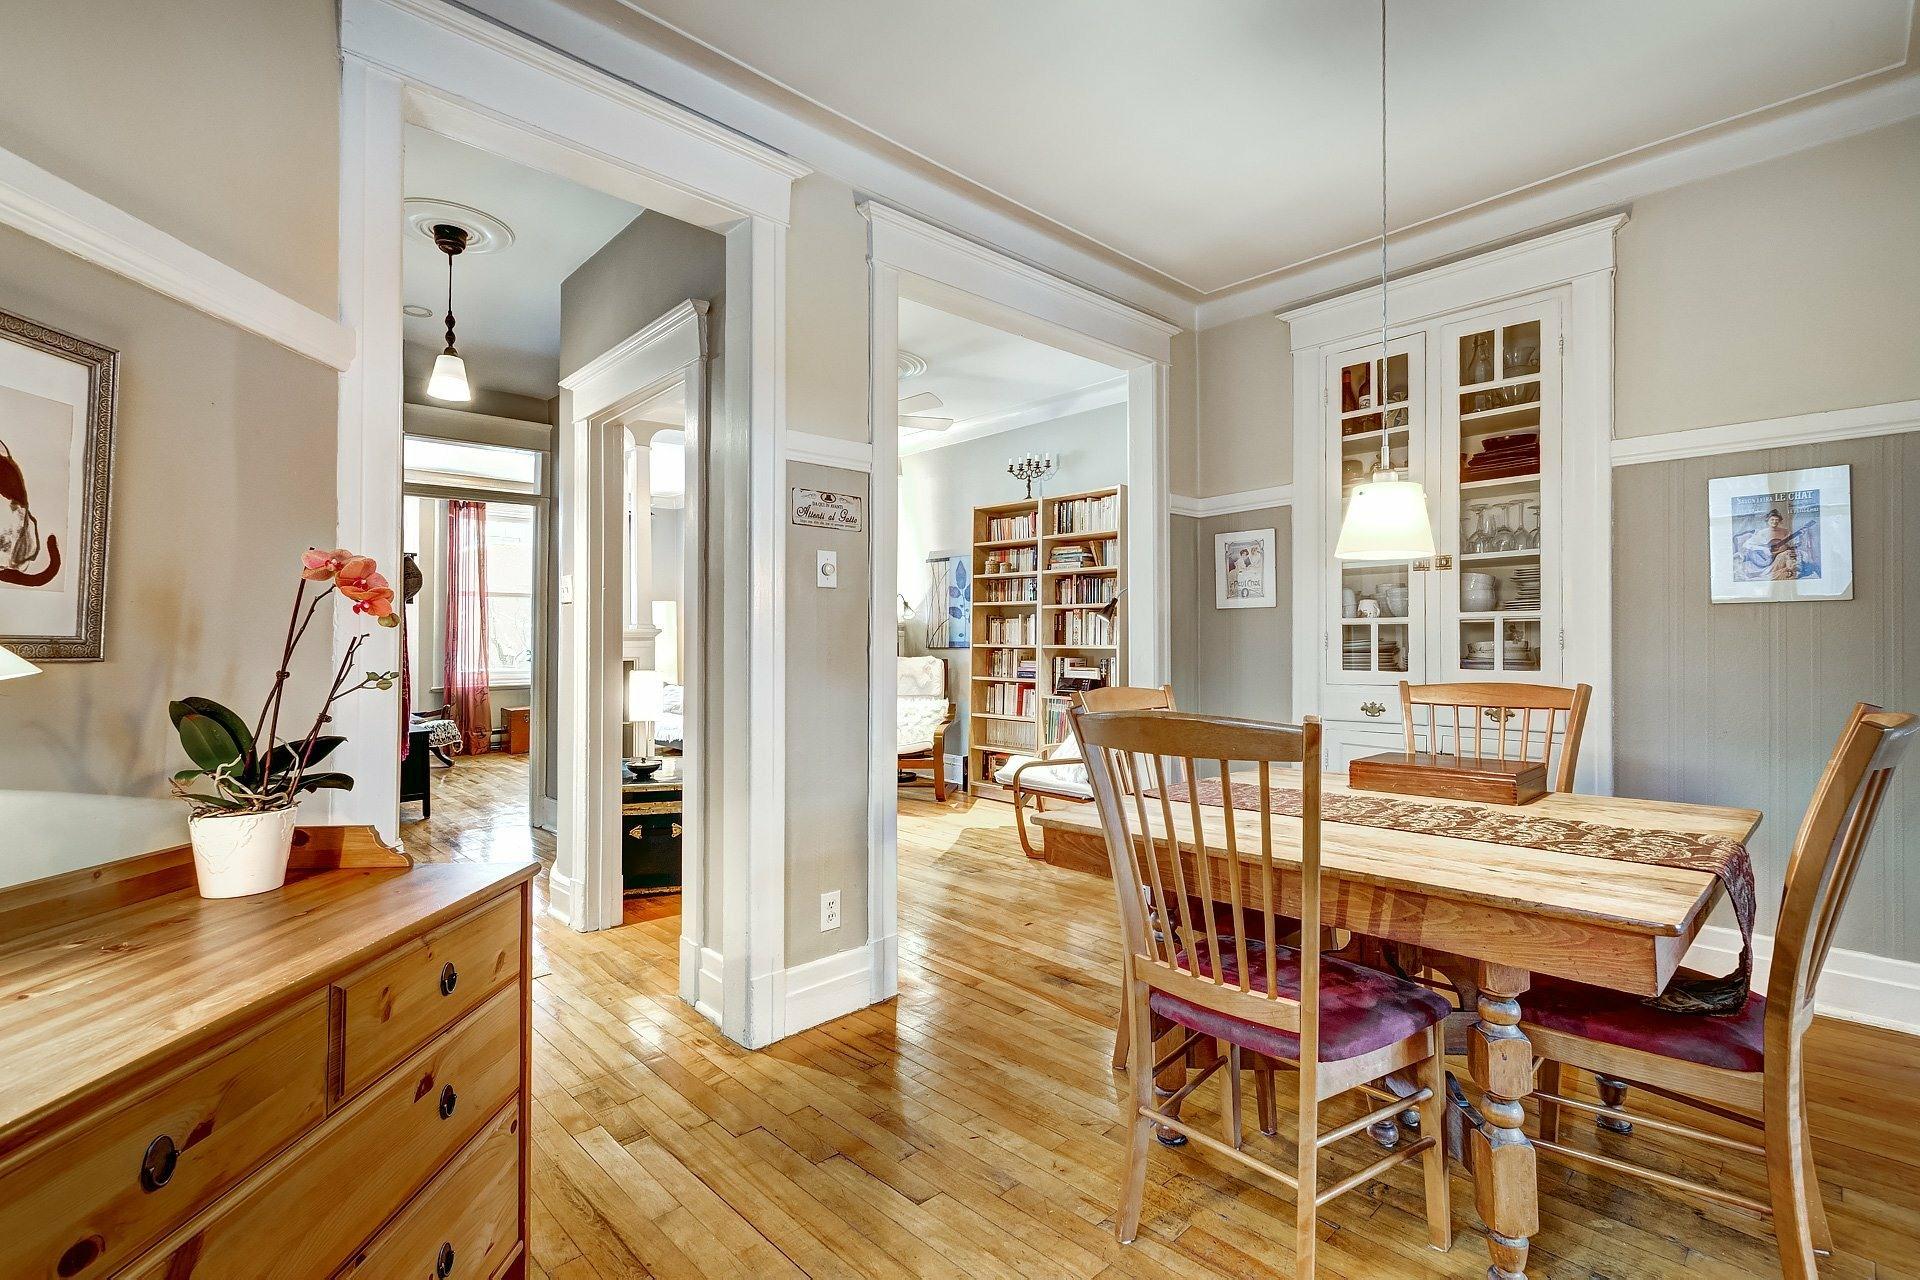 image 9 - Appartement À vendre Rosemont/La Petite-Patrie Montréal  - 7 pièces